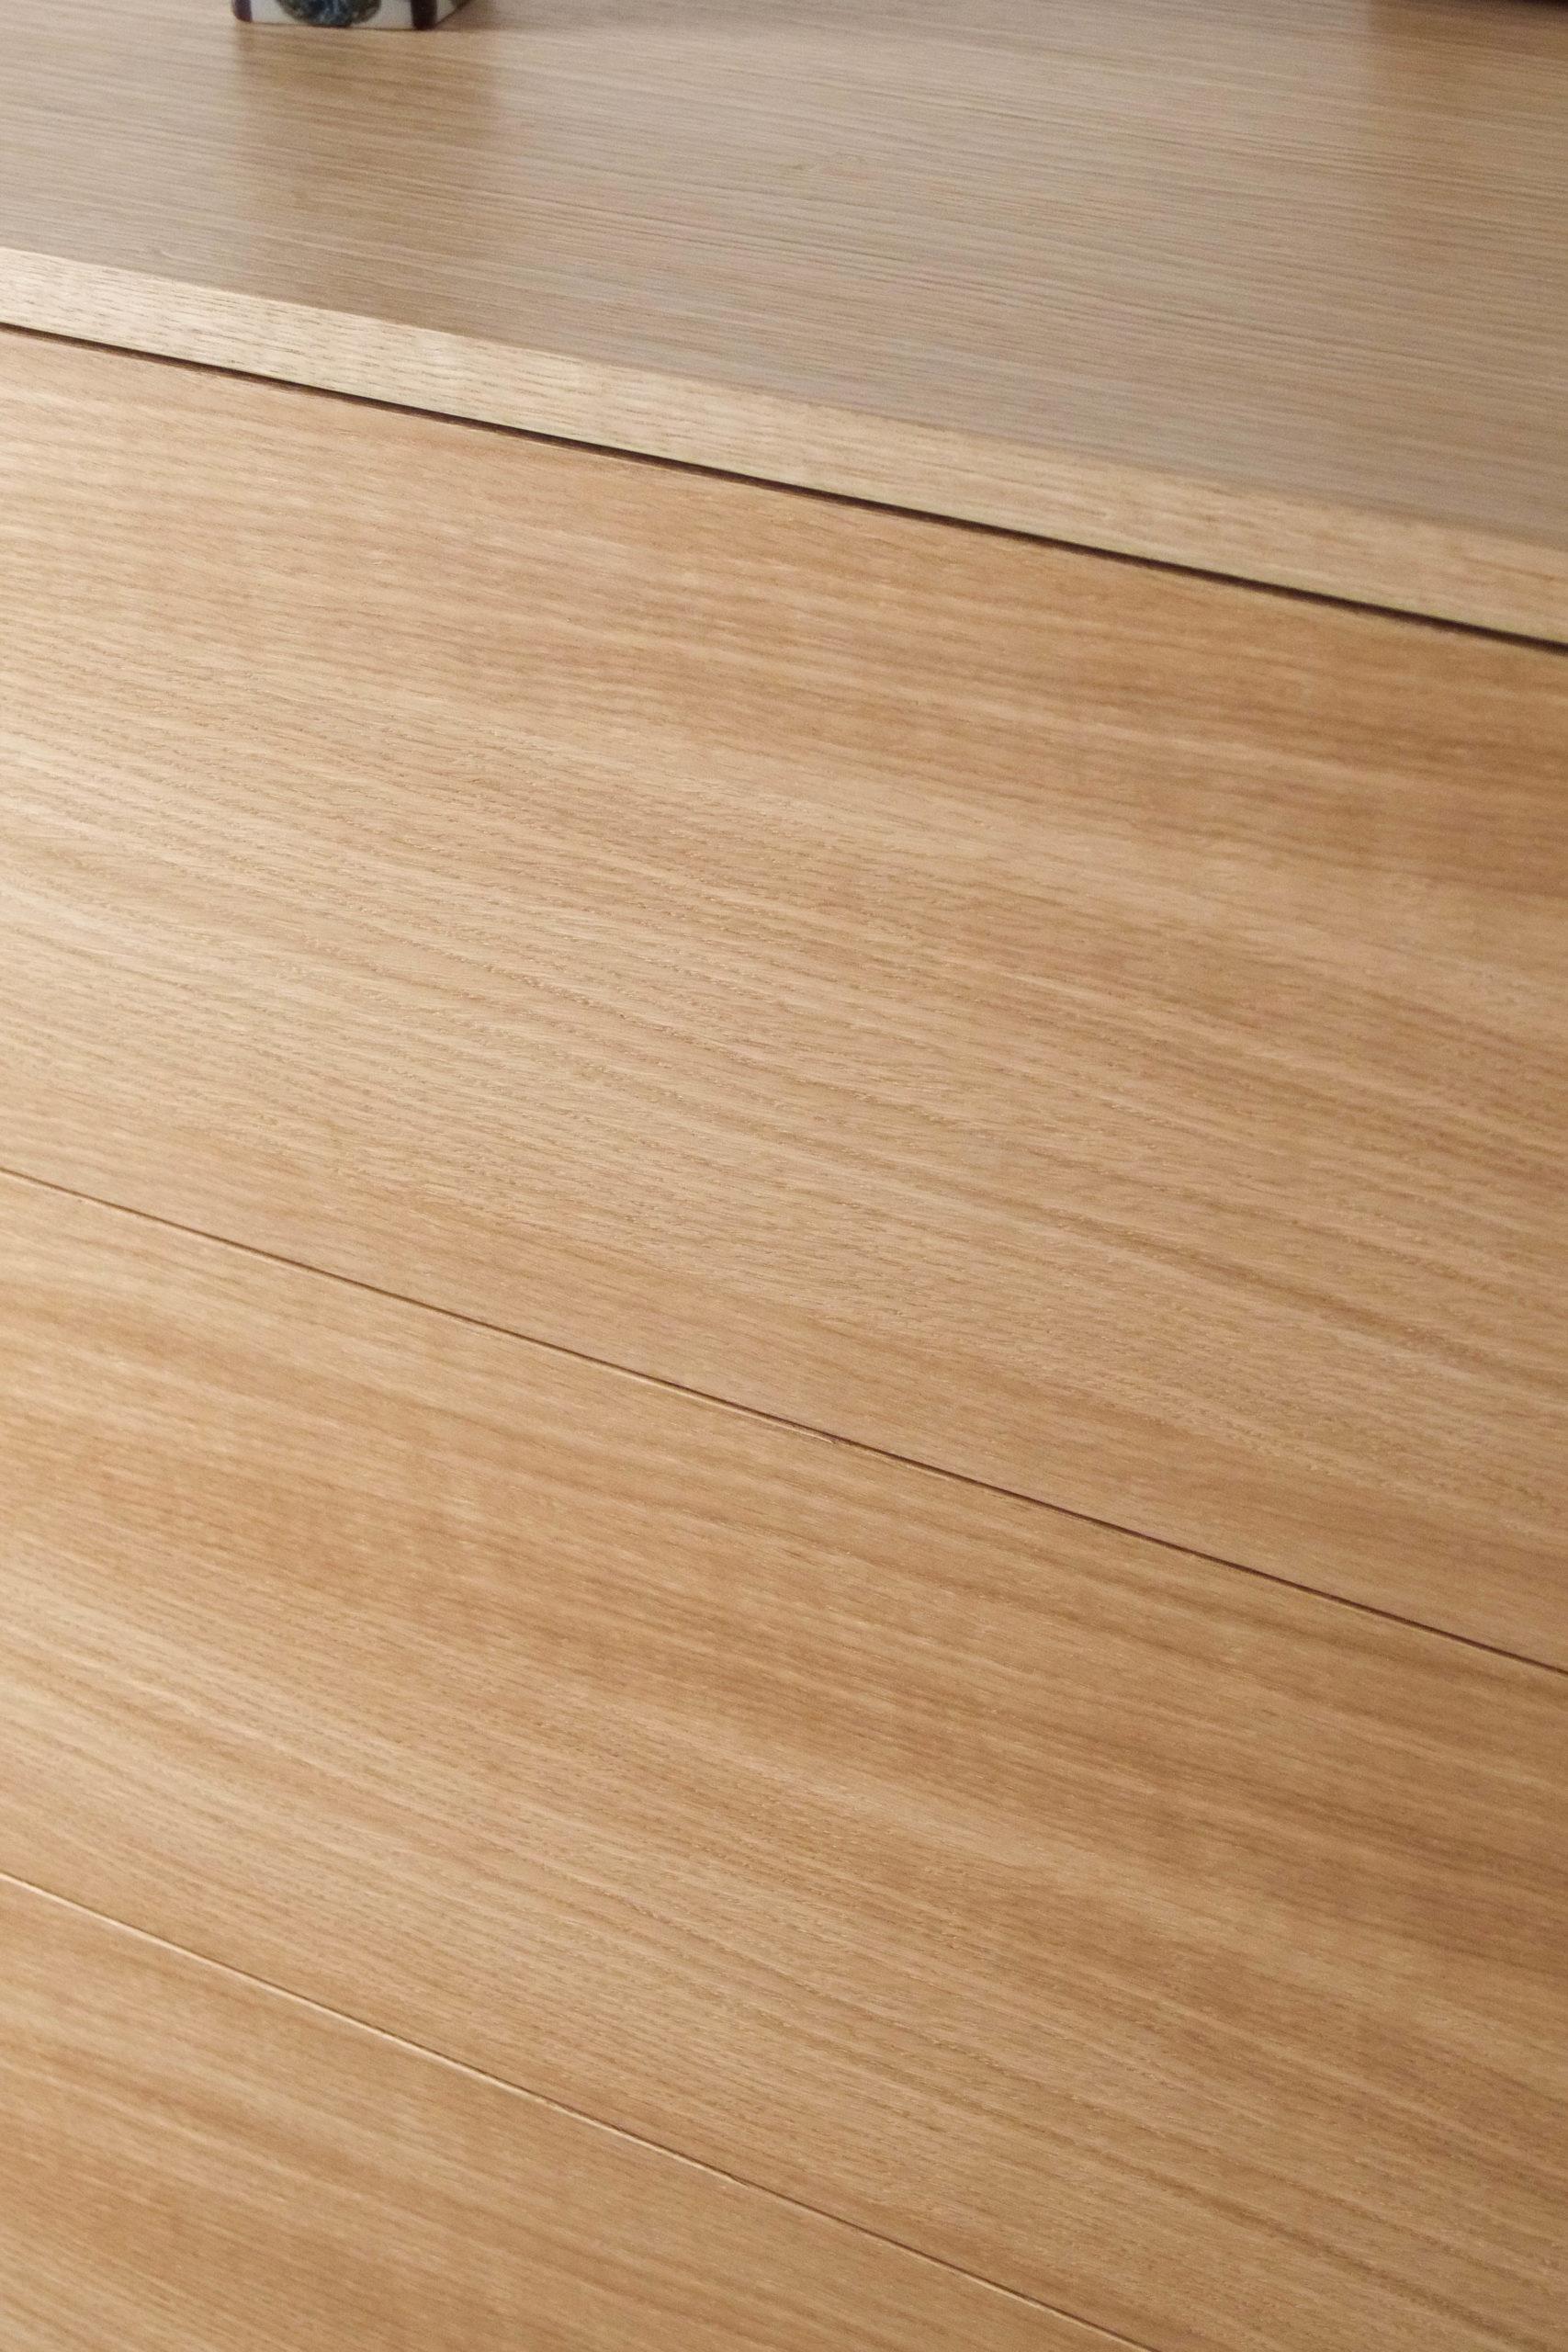 cajonera detalles de madera maciza cajon